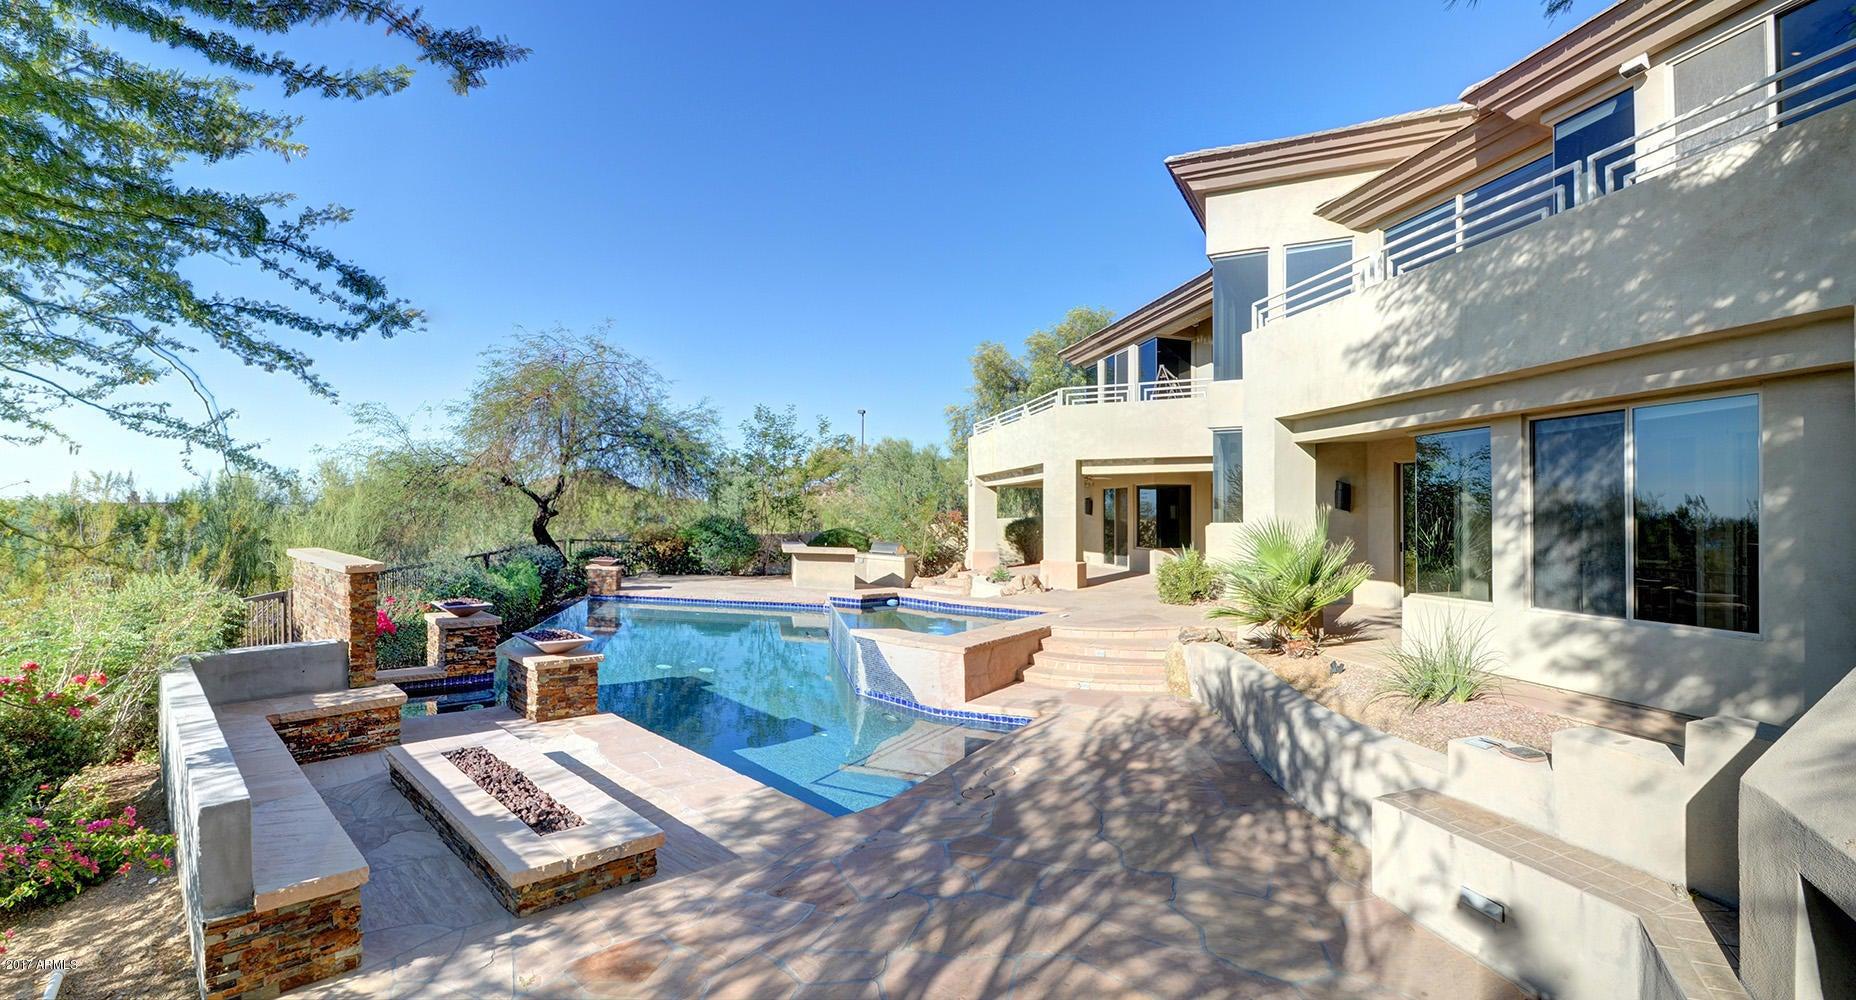 MLS 5680337 13623 E DESERT Trail, Scottsdale, AZ 85259 Scottsdale AZ Scottsdale Mountain